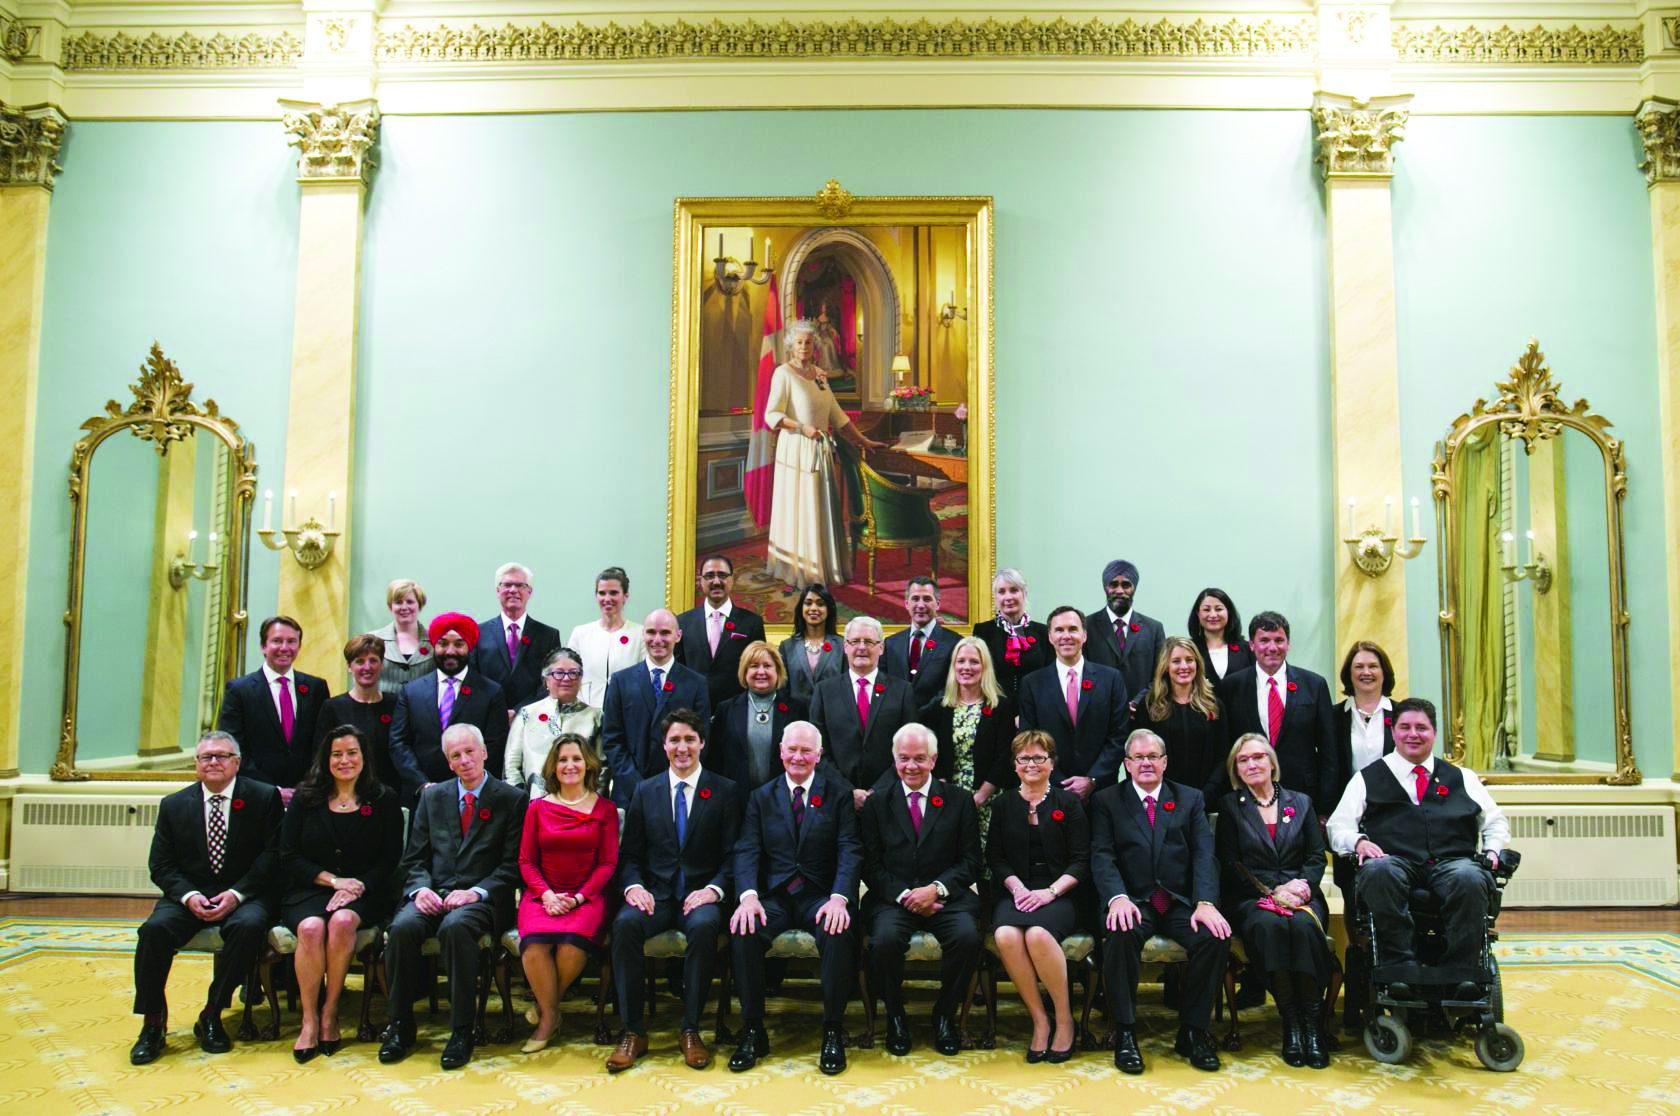 «براوو کانادا» برای کابینهای که نماینده اقلیتهاست